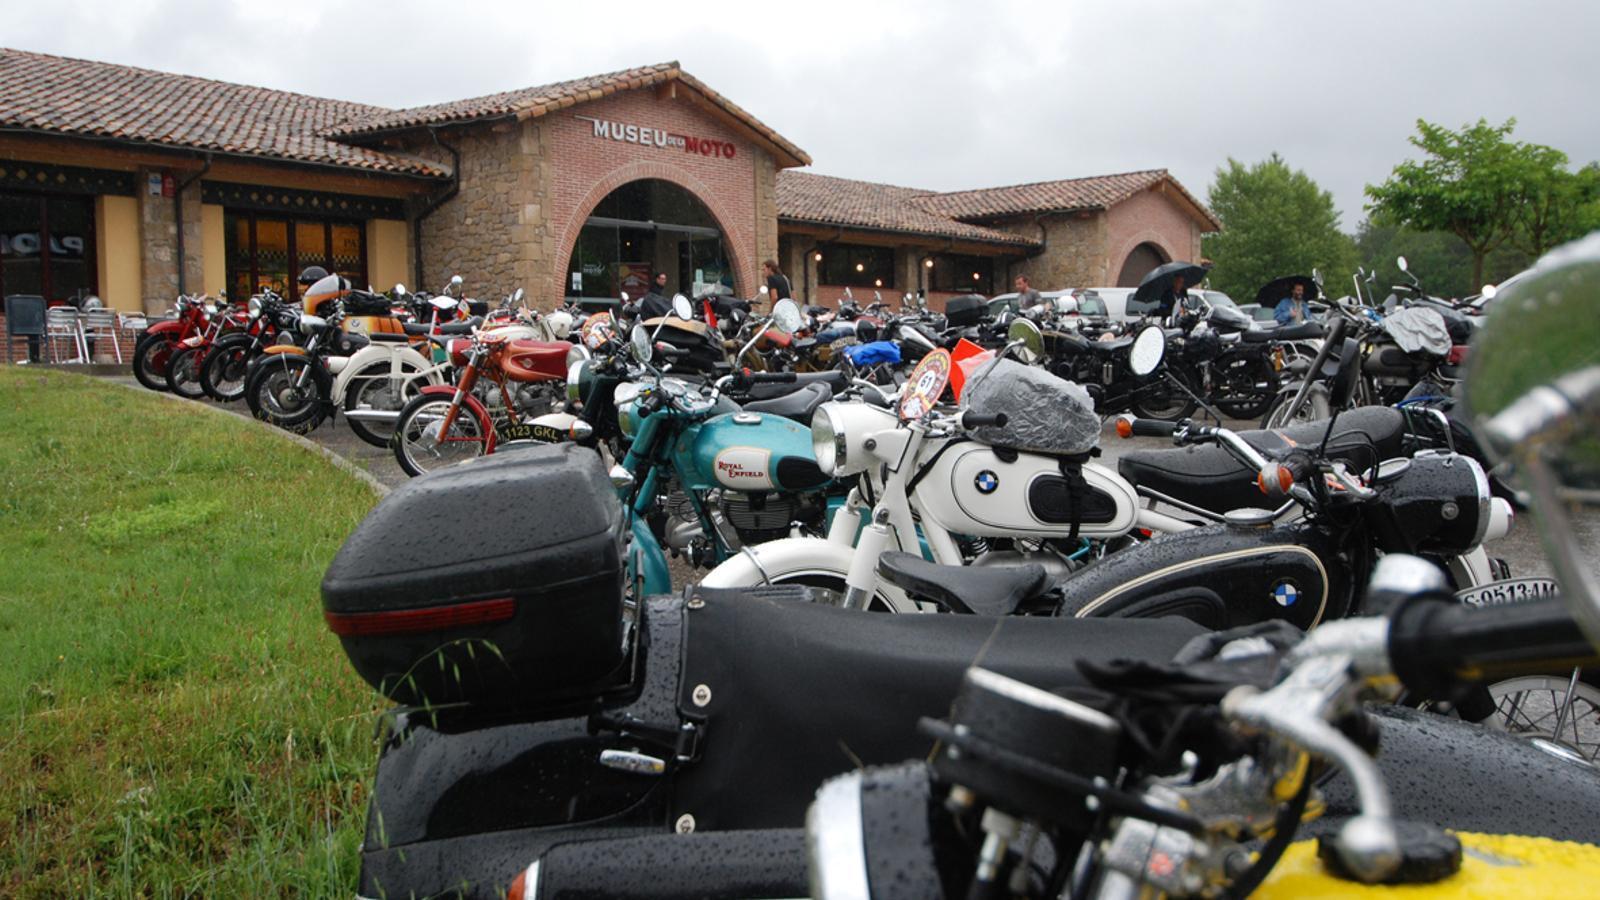 Museu de la moto: pelegrinatge pels motards